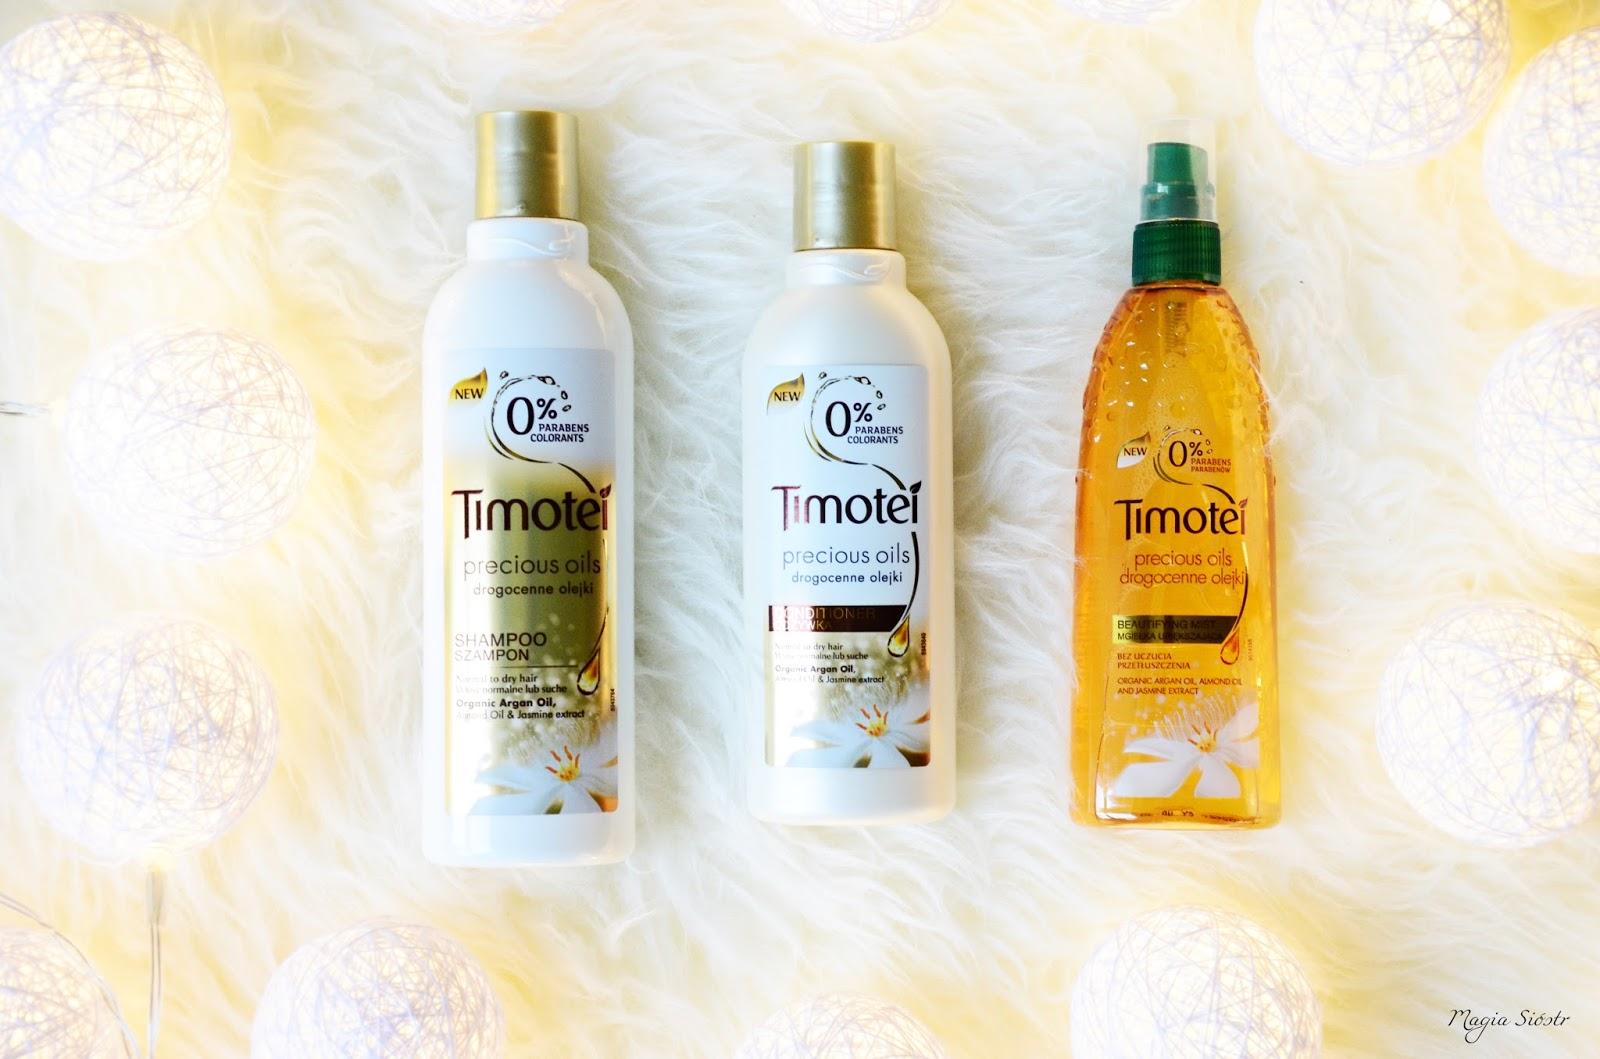 pielęgnacja włosów, kosmetyki do włosów timotei, olejki do włosów, Drogocenne Olejki